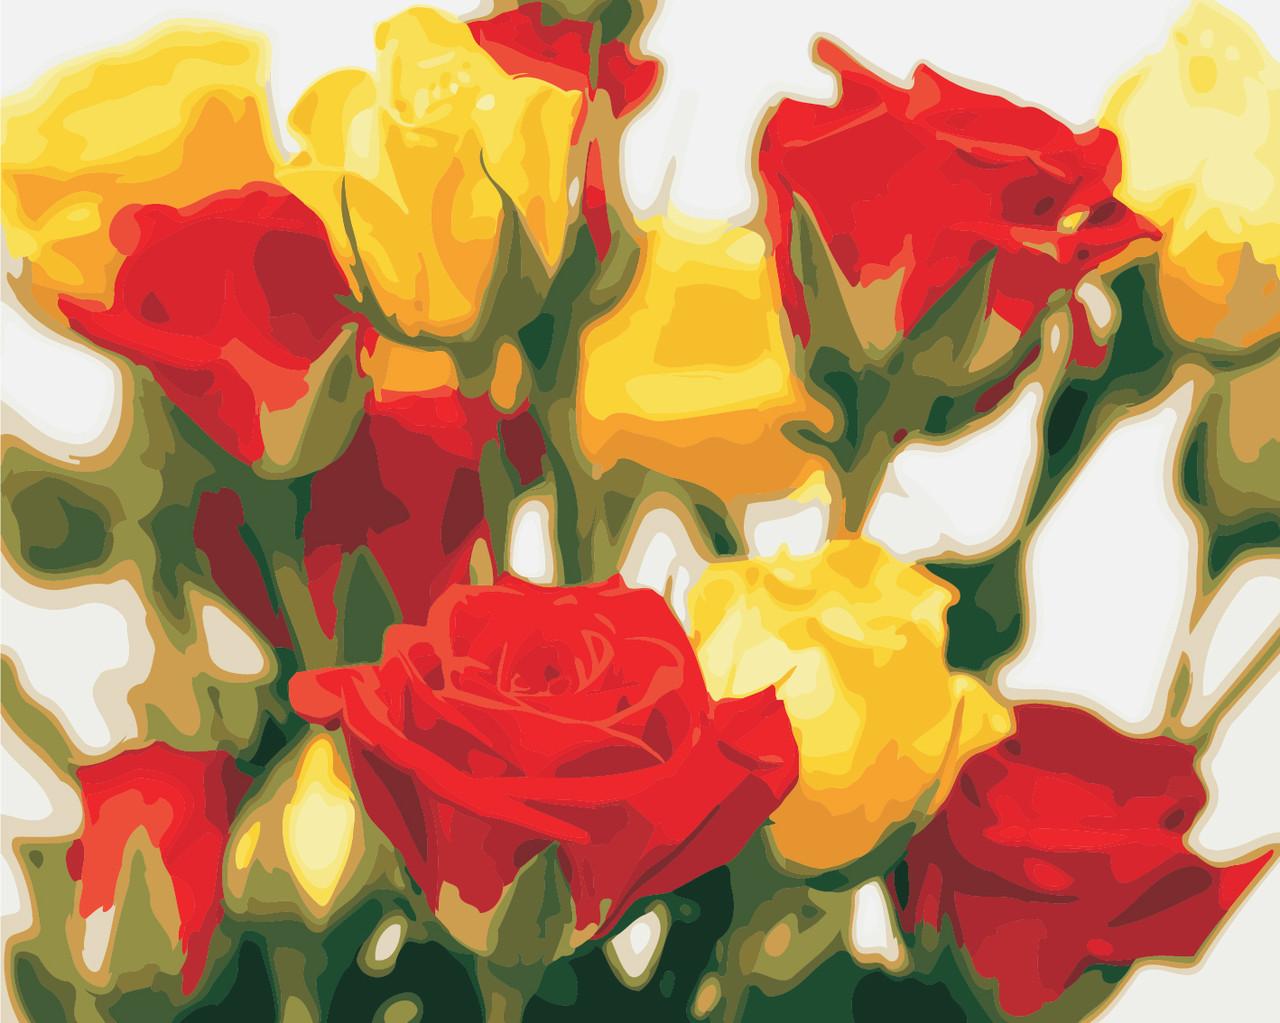 AS0851 Набір для малювання за номерами Жовто-червоні троянди, В картонній коробці